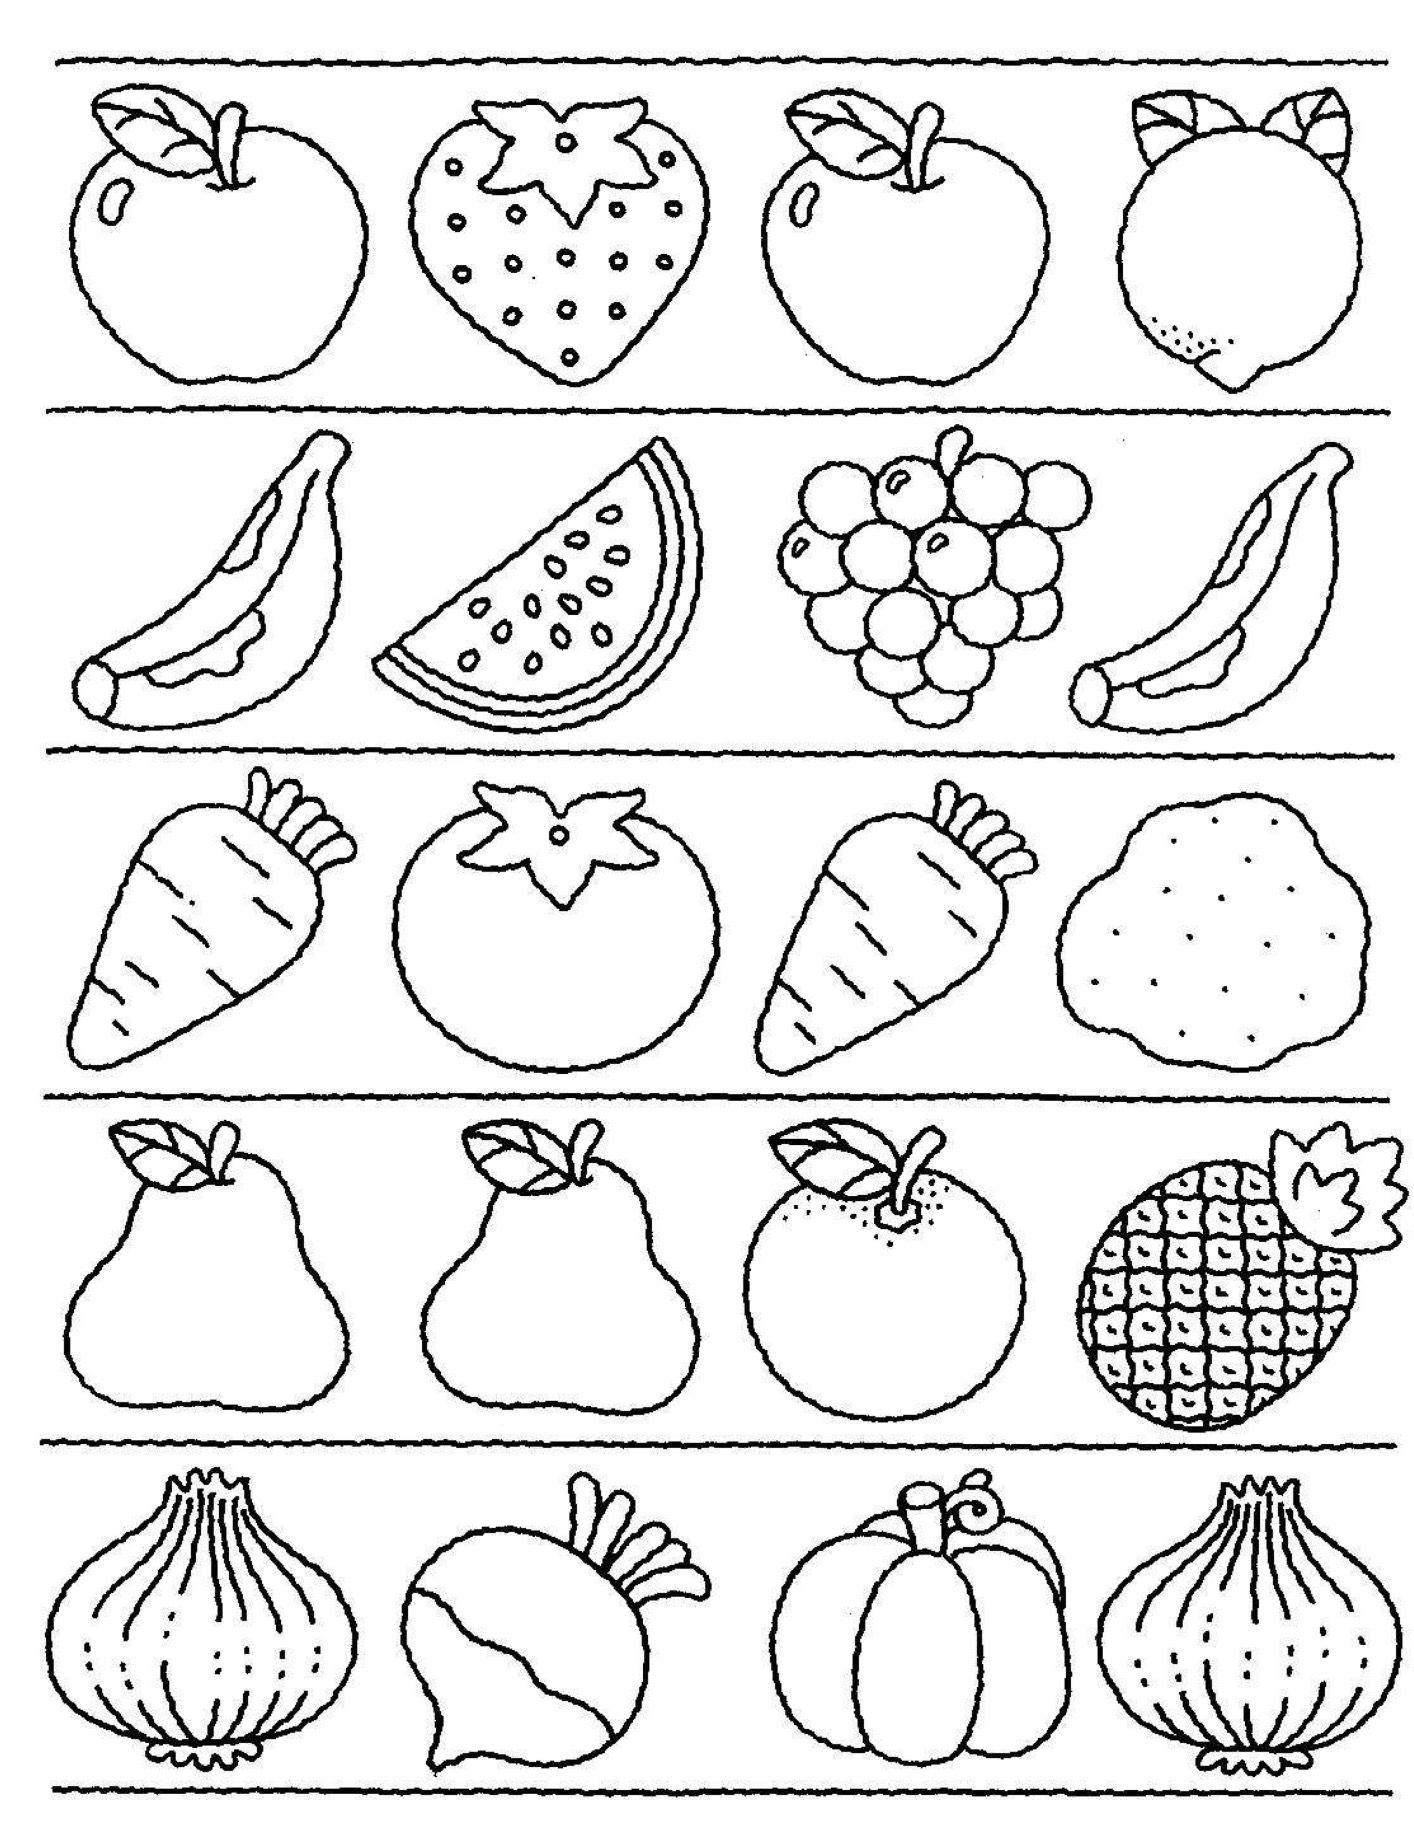 картинки раскраски с заданиями фрукты совокупного энергопотребления россии